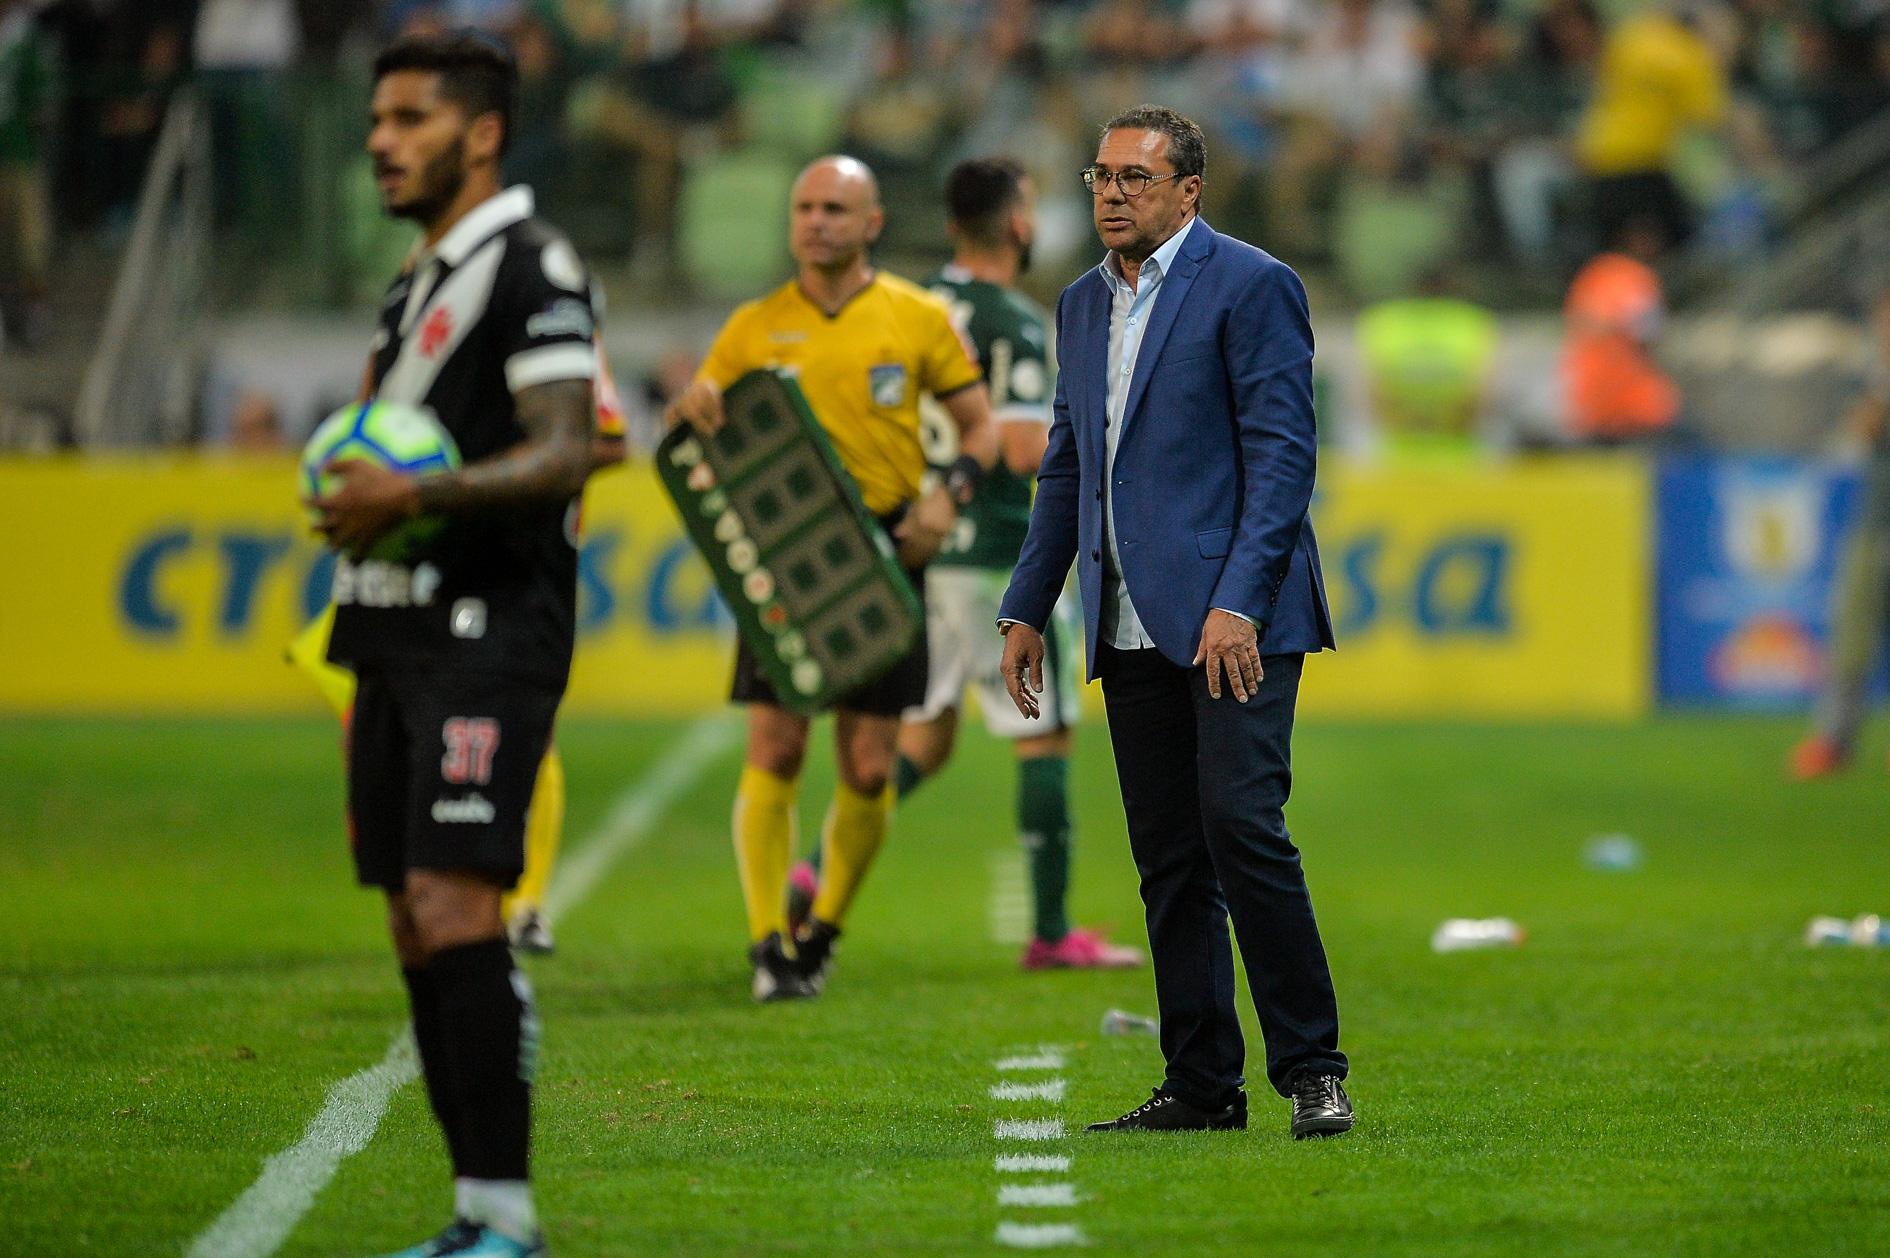 Palmeiras_X_Vasco_dudabairros_Agif_1019.